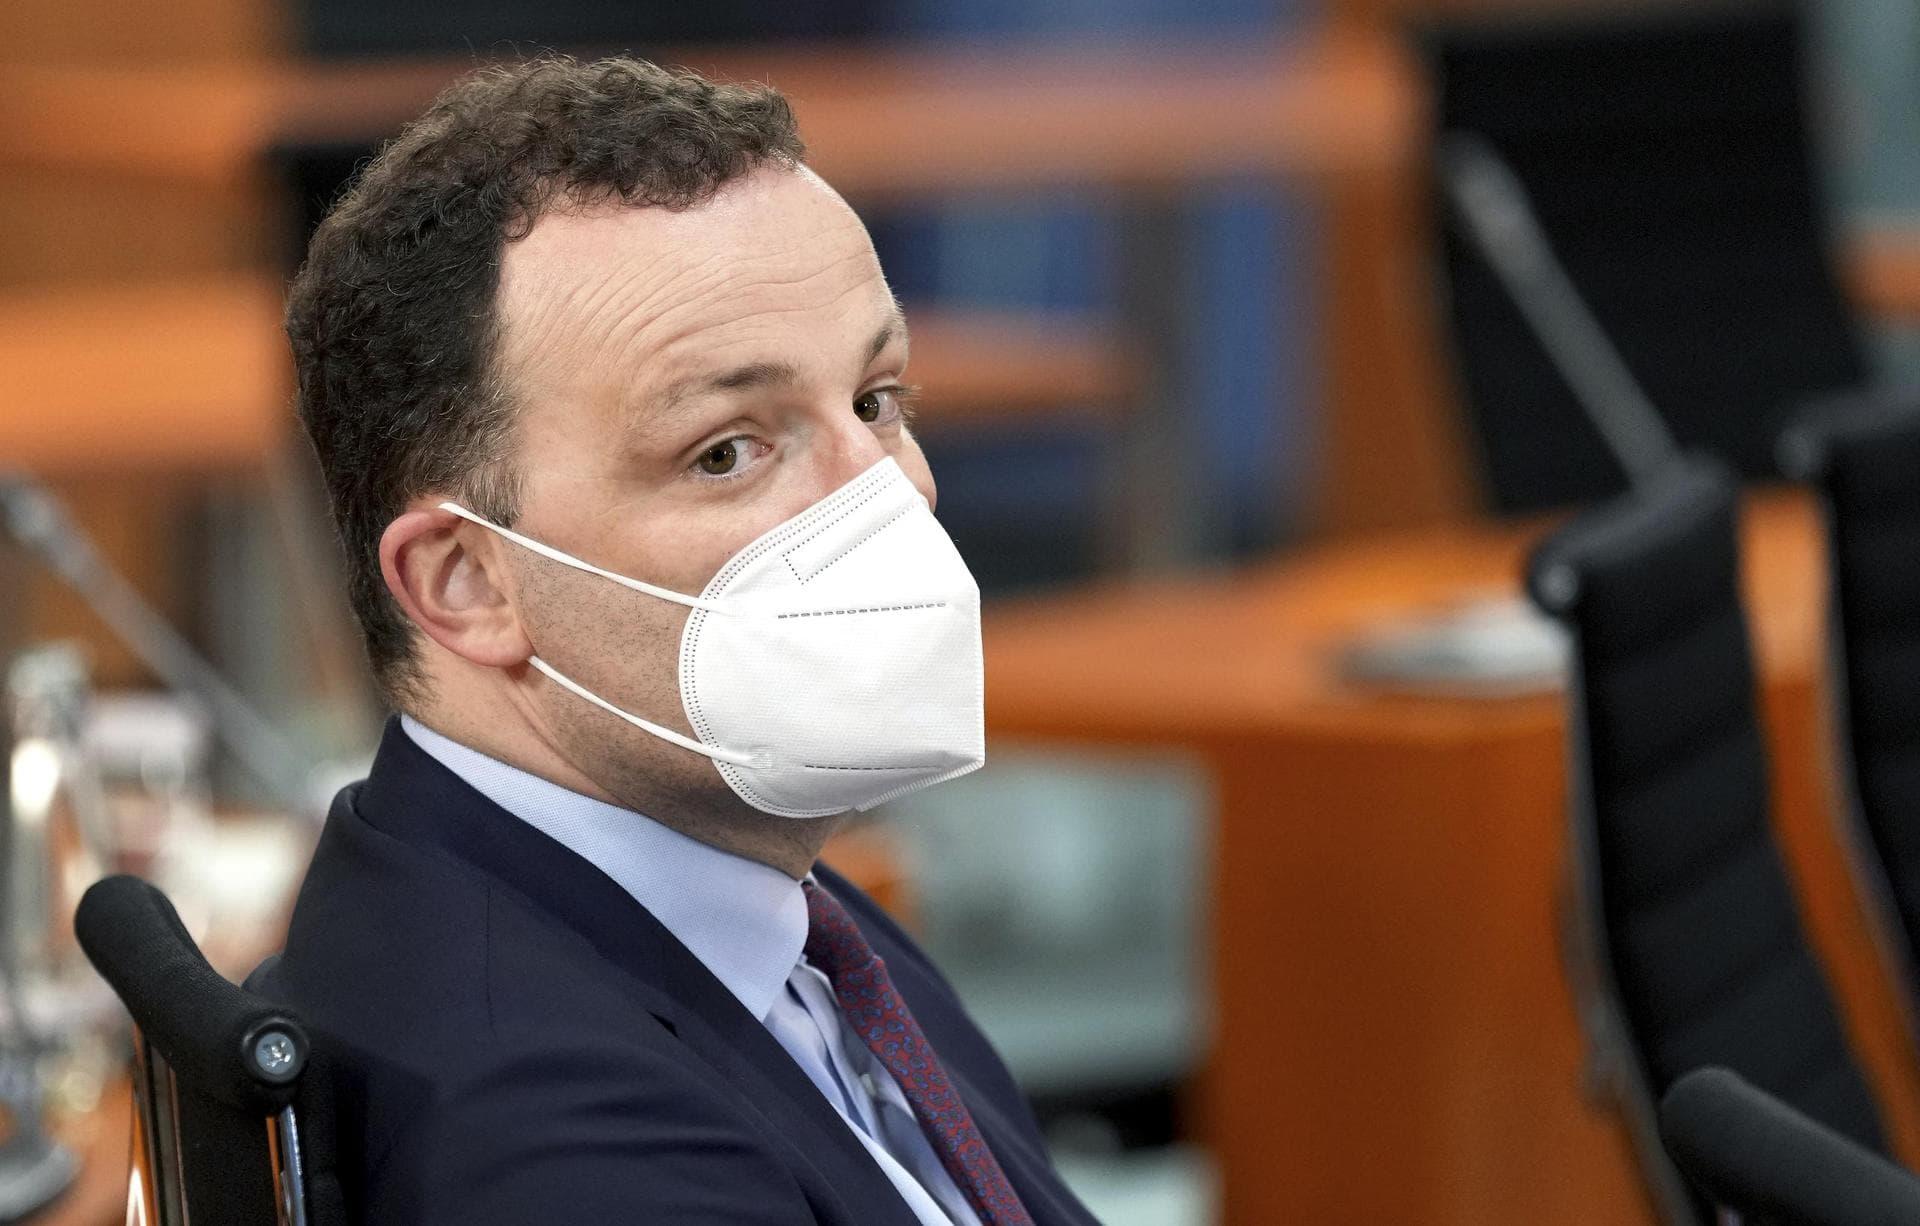 Kritik an Spahn: «Unmenschlich, was dort passiert ist» Streit um minderwertige Masken